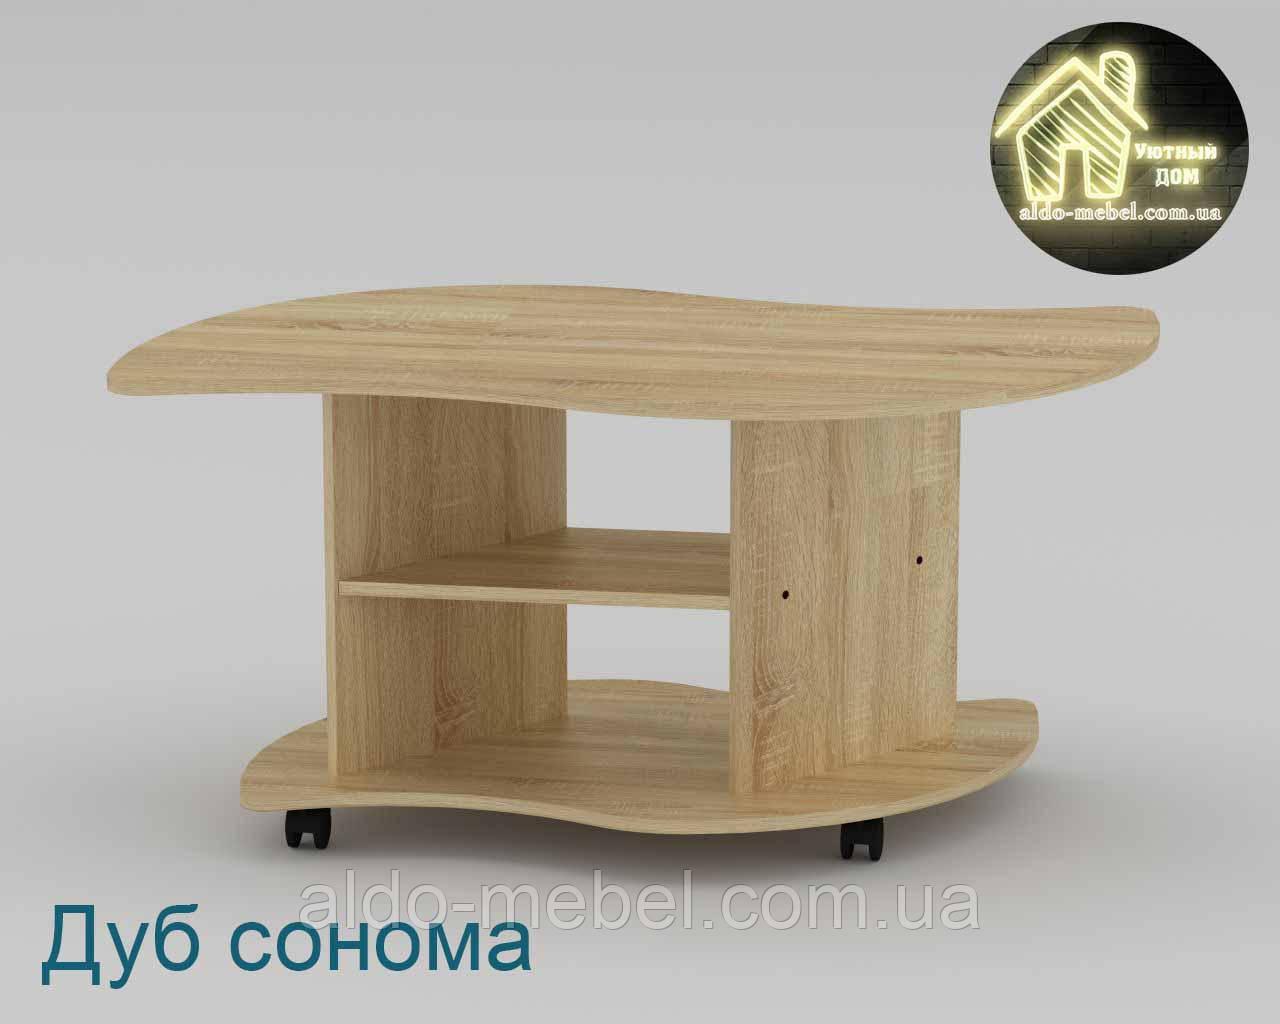 Стол журнальный Вираж Габариты Ш - 1100 мм; В - 536 мм; Г - 600 мм (Компанит)